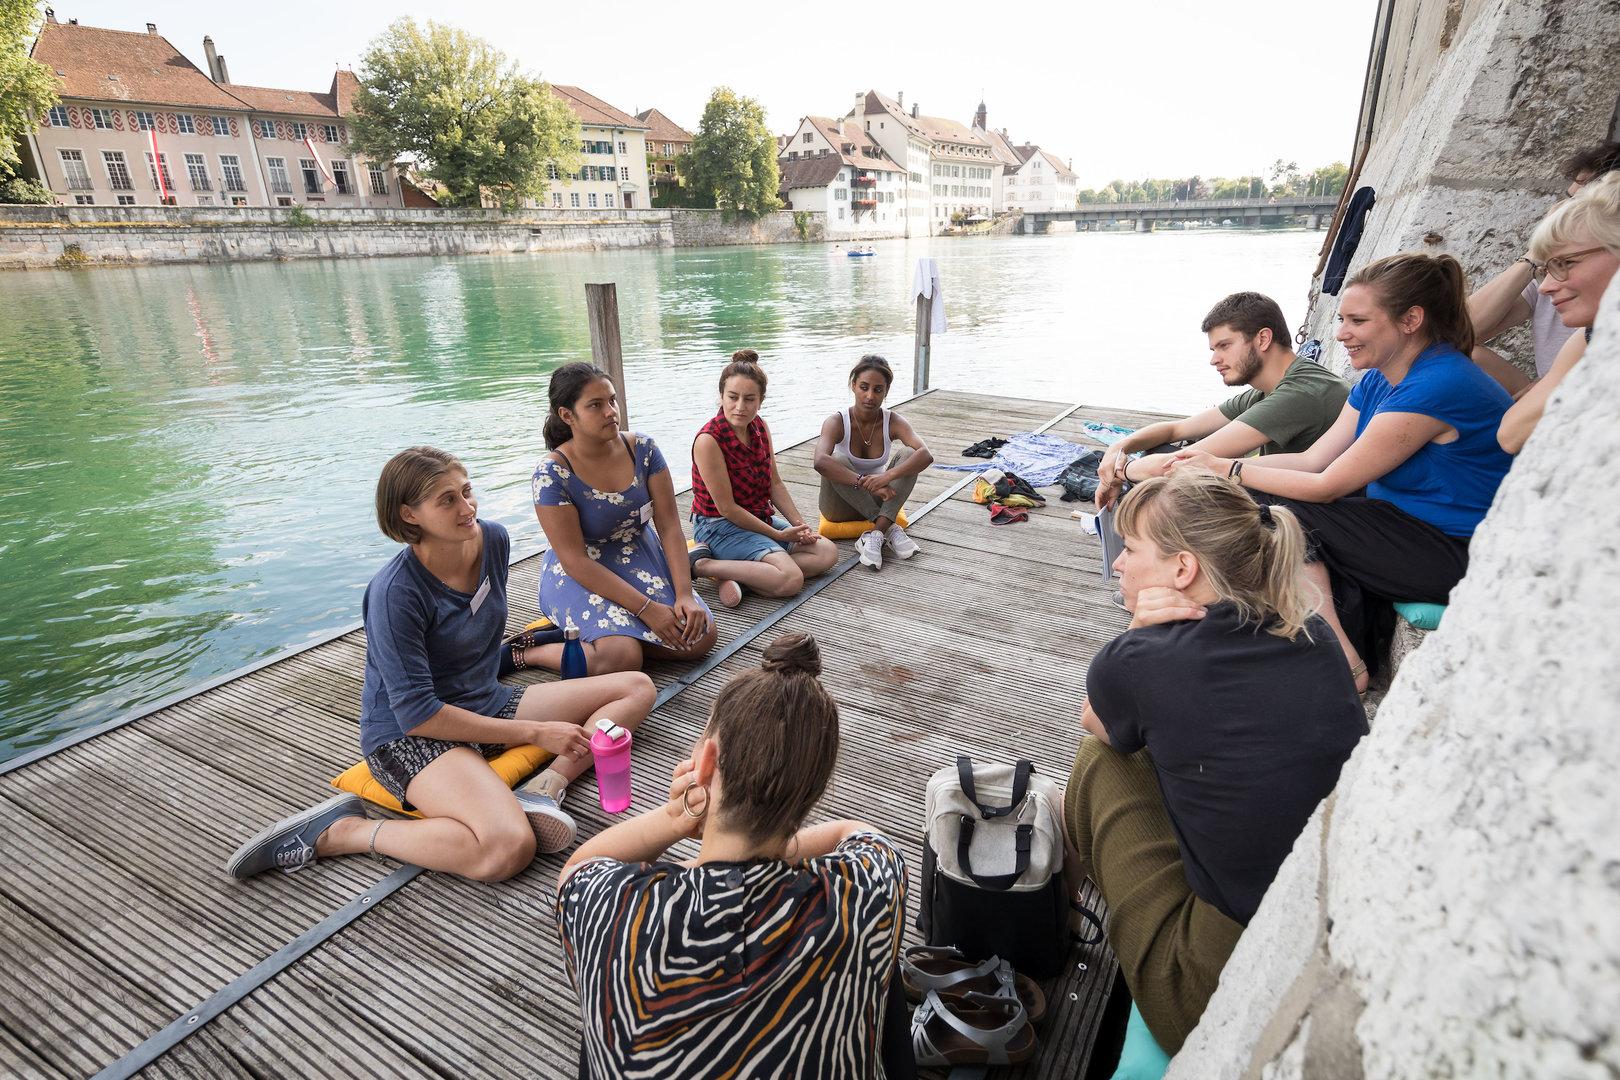 Ihr Lieblingsplatz: Die jungen Frauen von allrights.org auf dem Bootssteg des Landhauses.